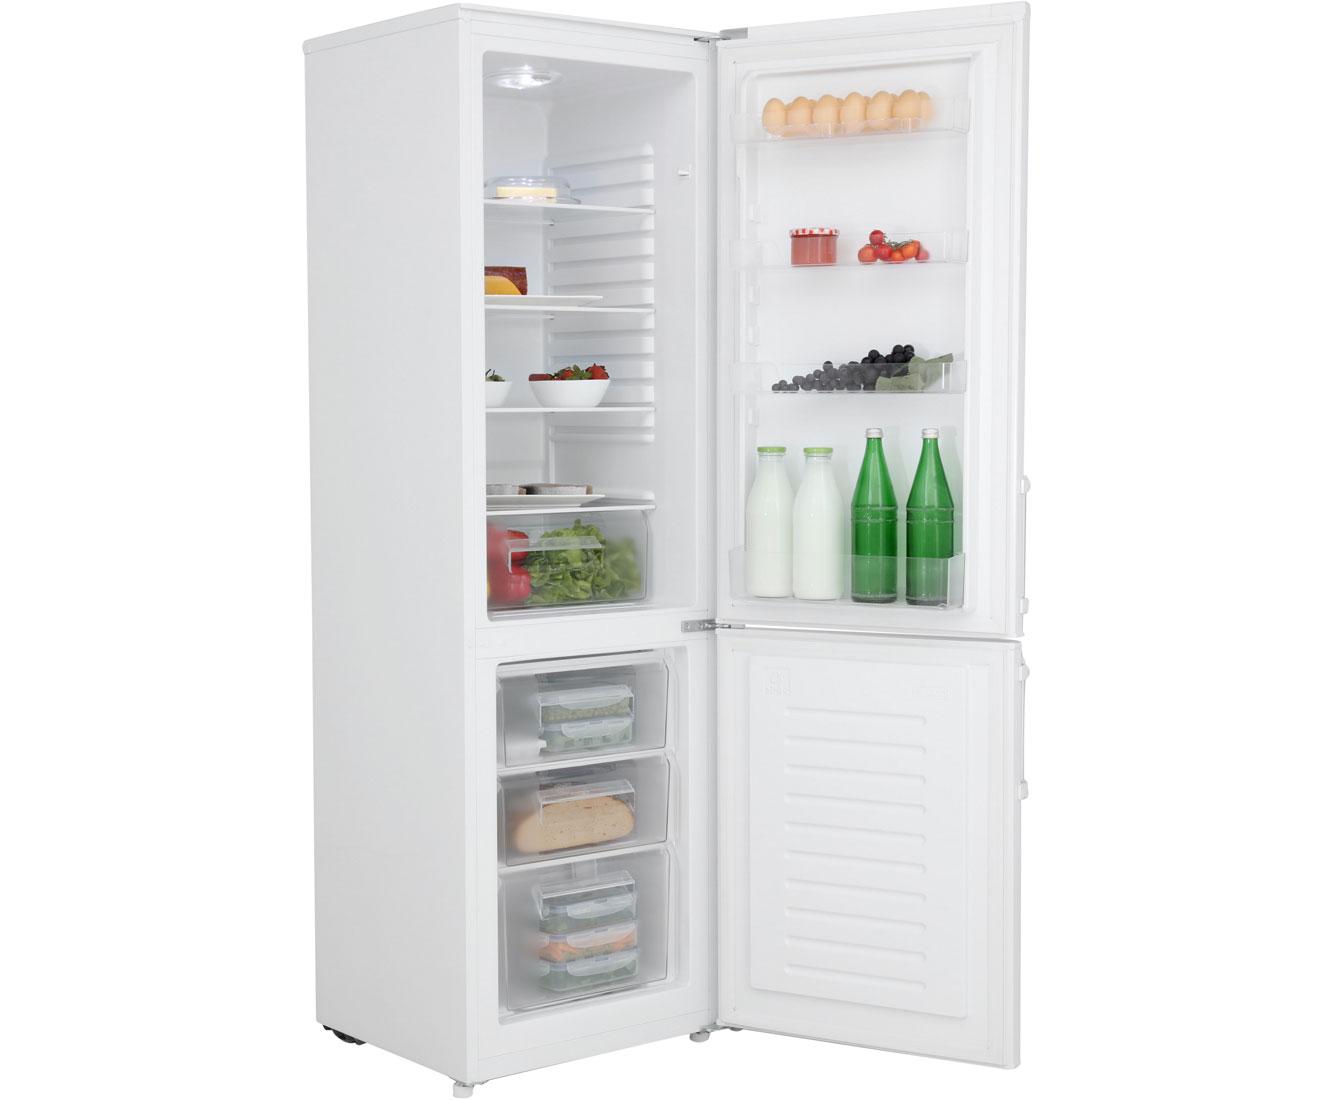 Smeg Kühlschrank Knacken : Smeg kühlschrank gefrierfach tropft kühlschrank schaltet nicht ab